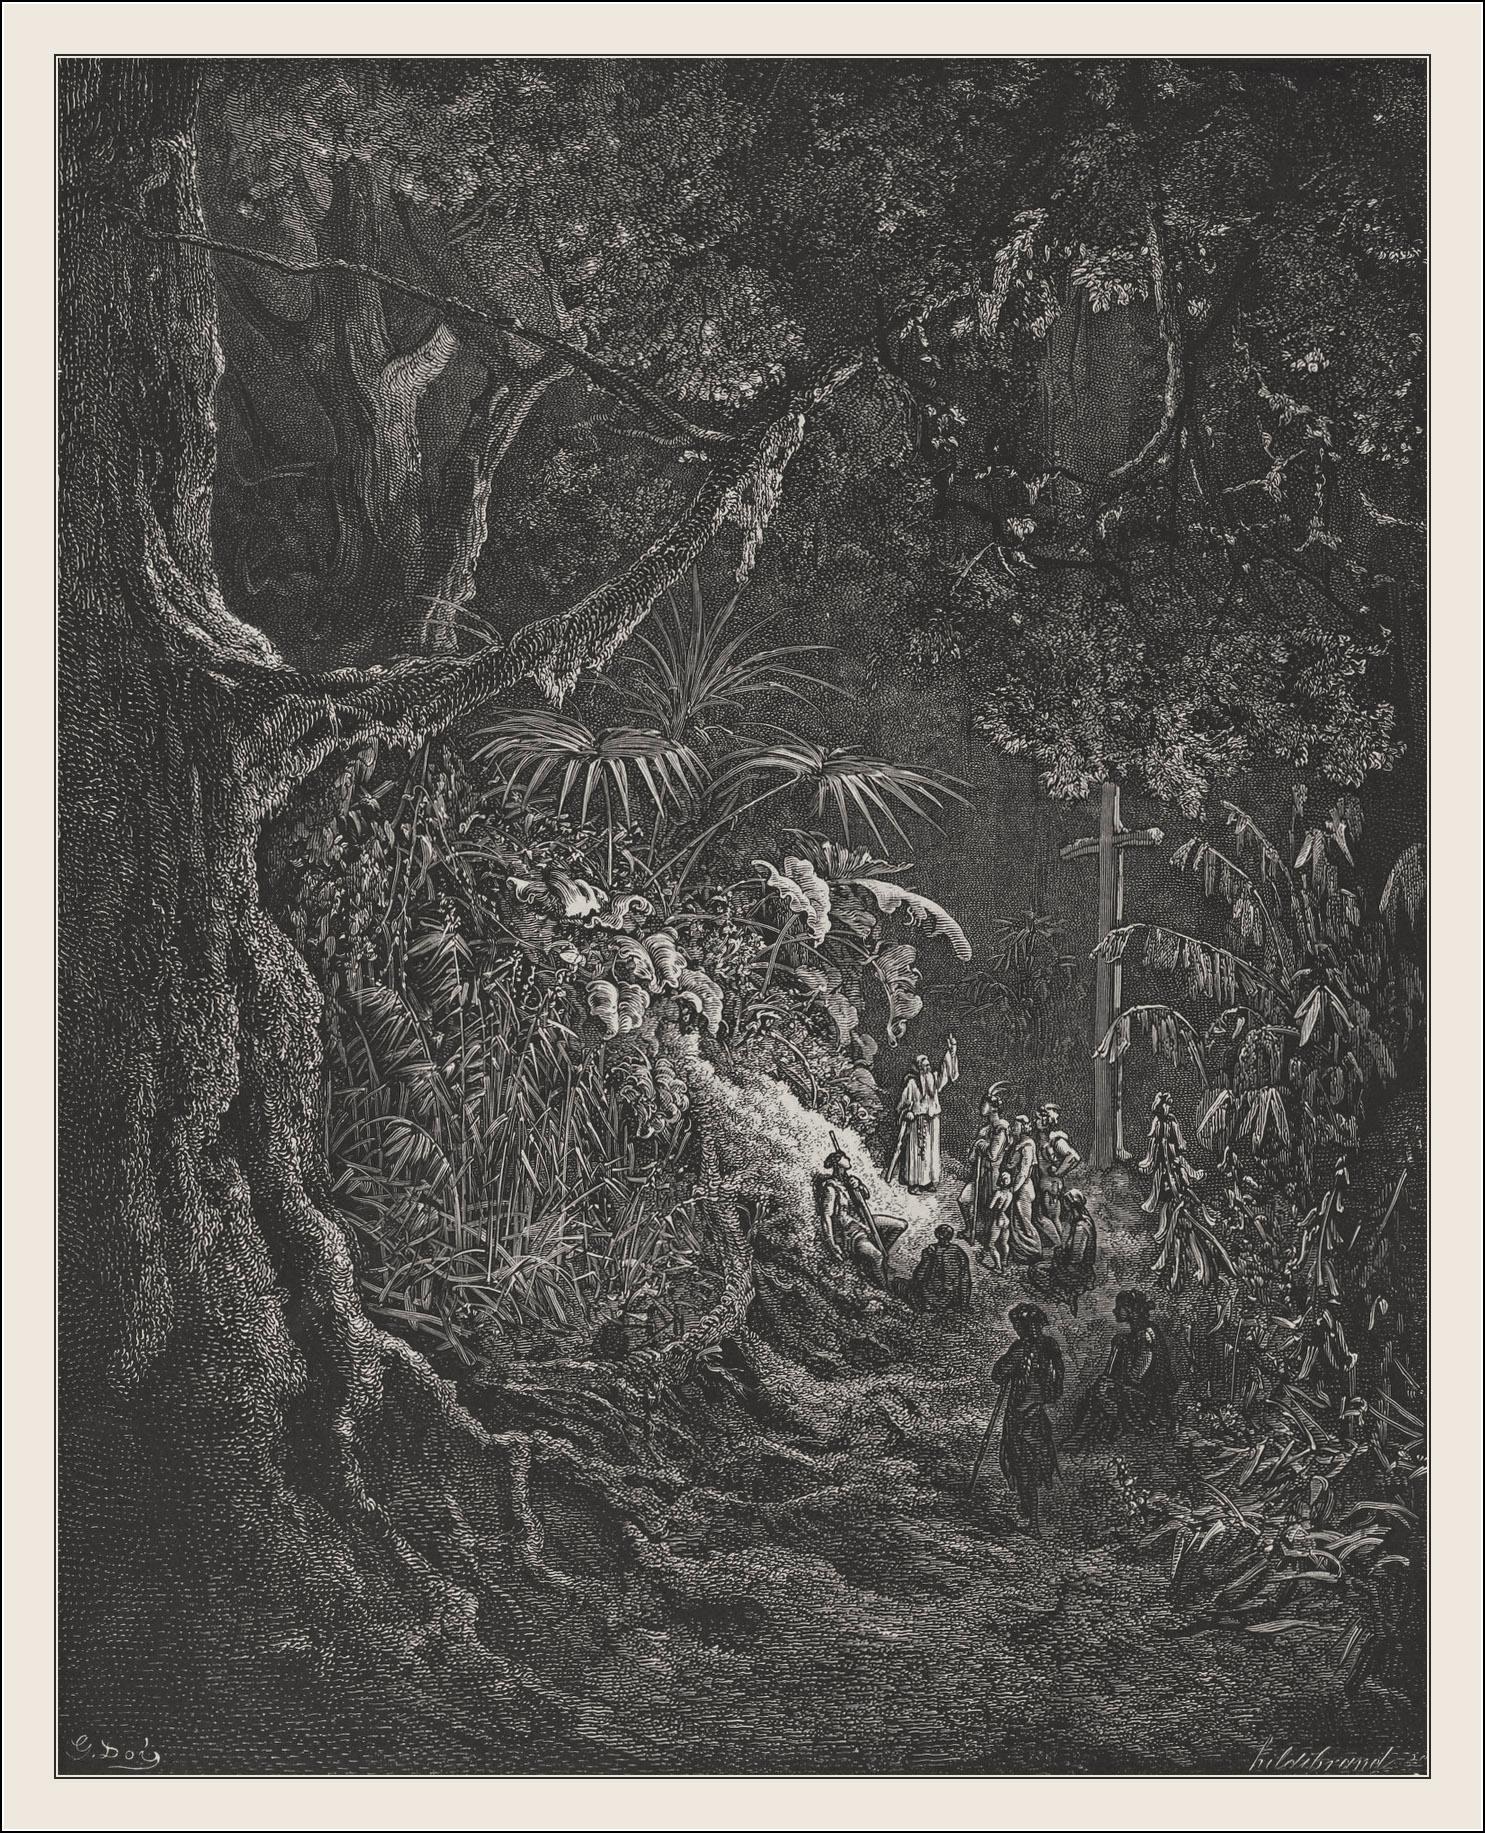 Gustave Doré, Atala